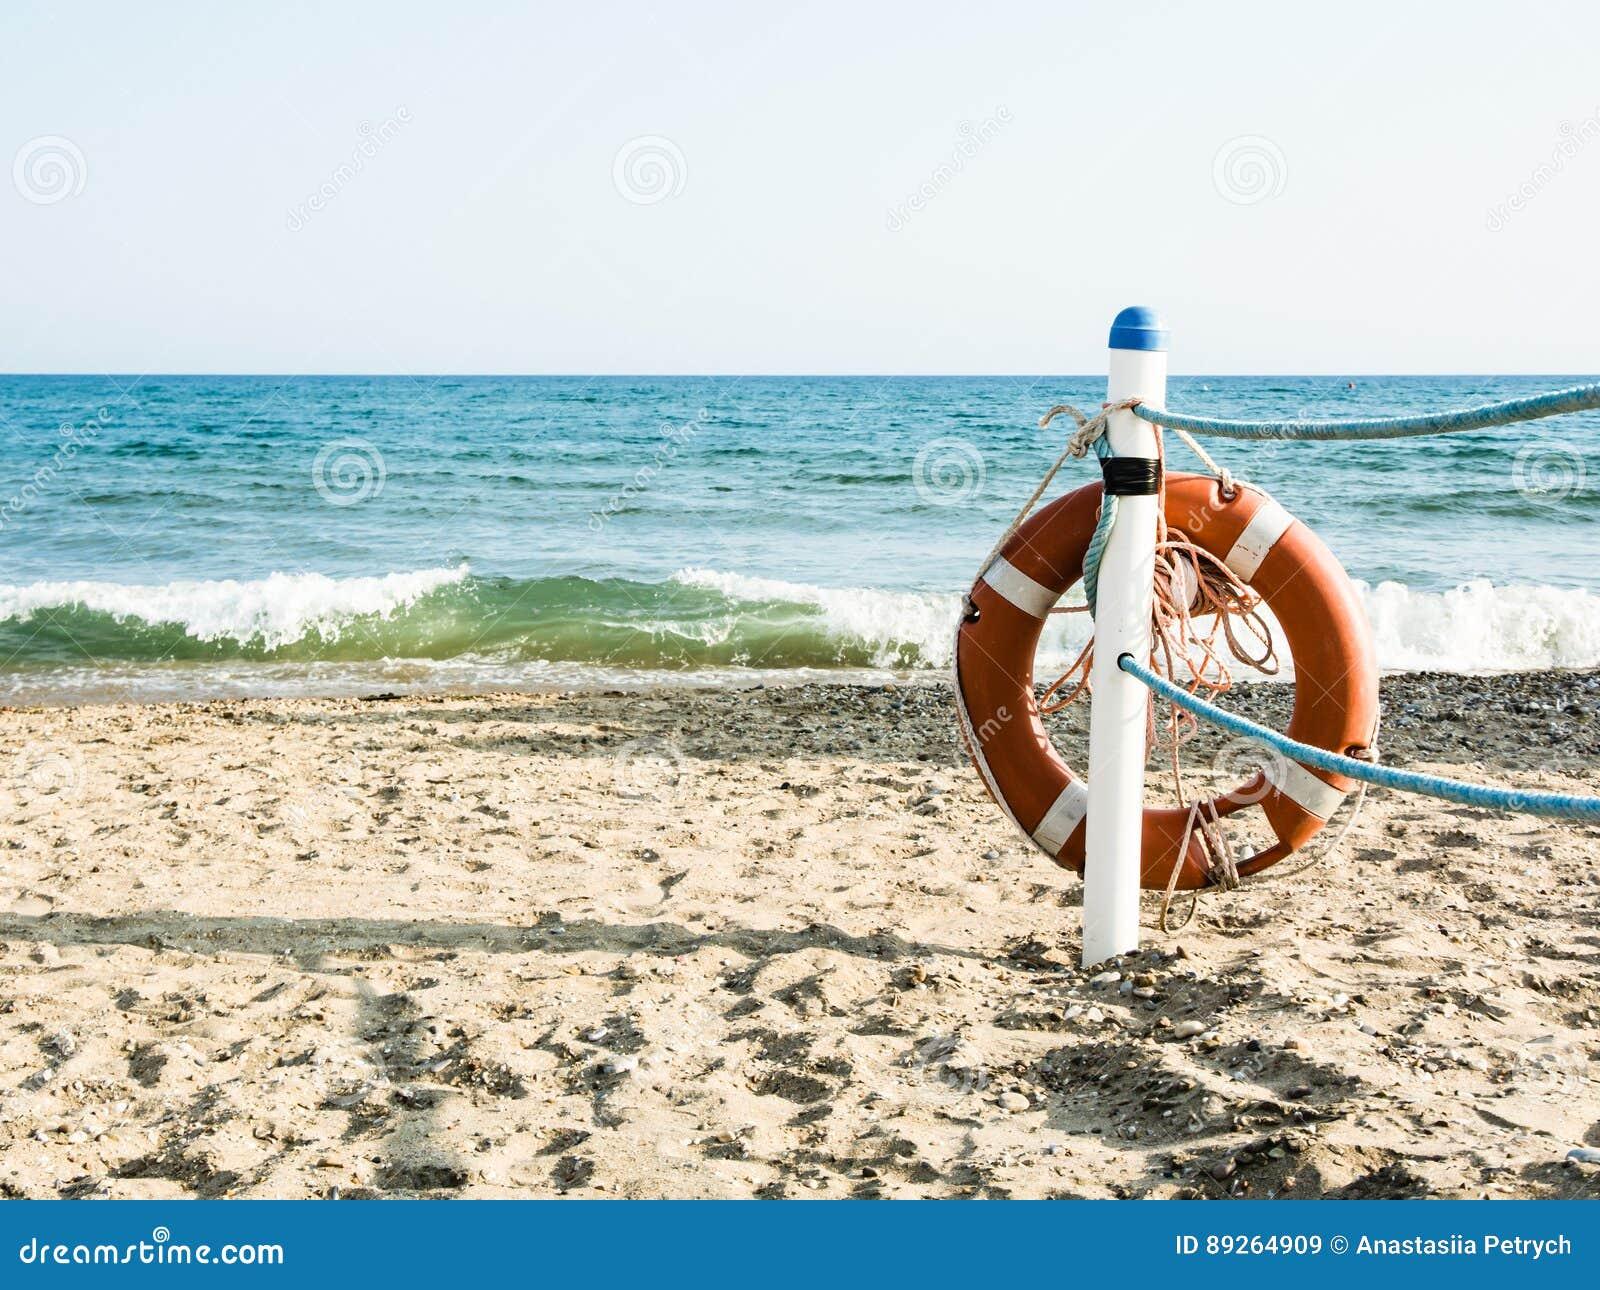 Livboj på en sandig havsstrand i Terracina, Italien säker simning